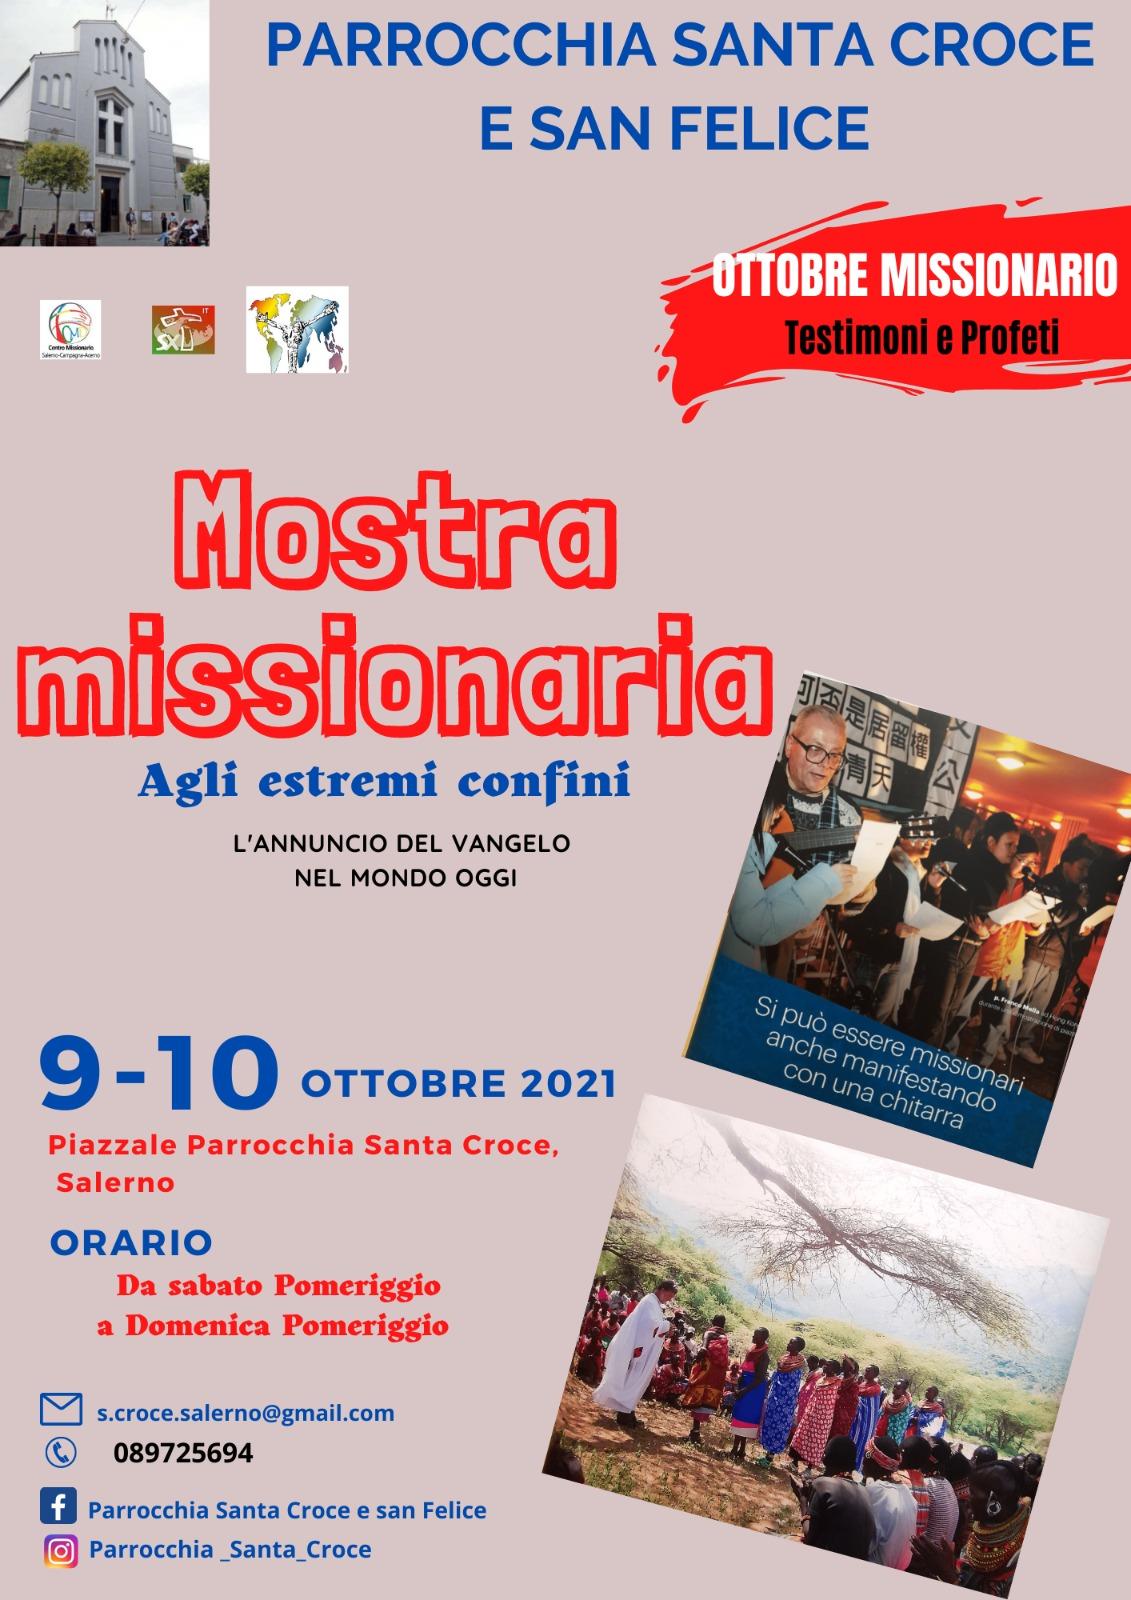 Mostra missionaria presso la parrocchia Santa Croce e San Felice